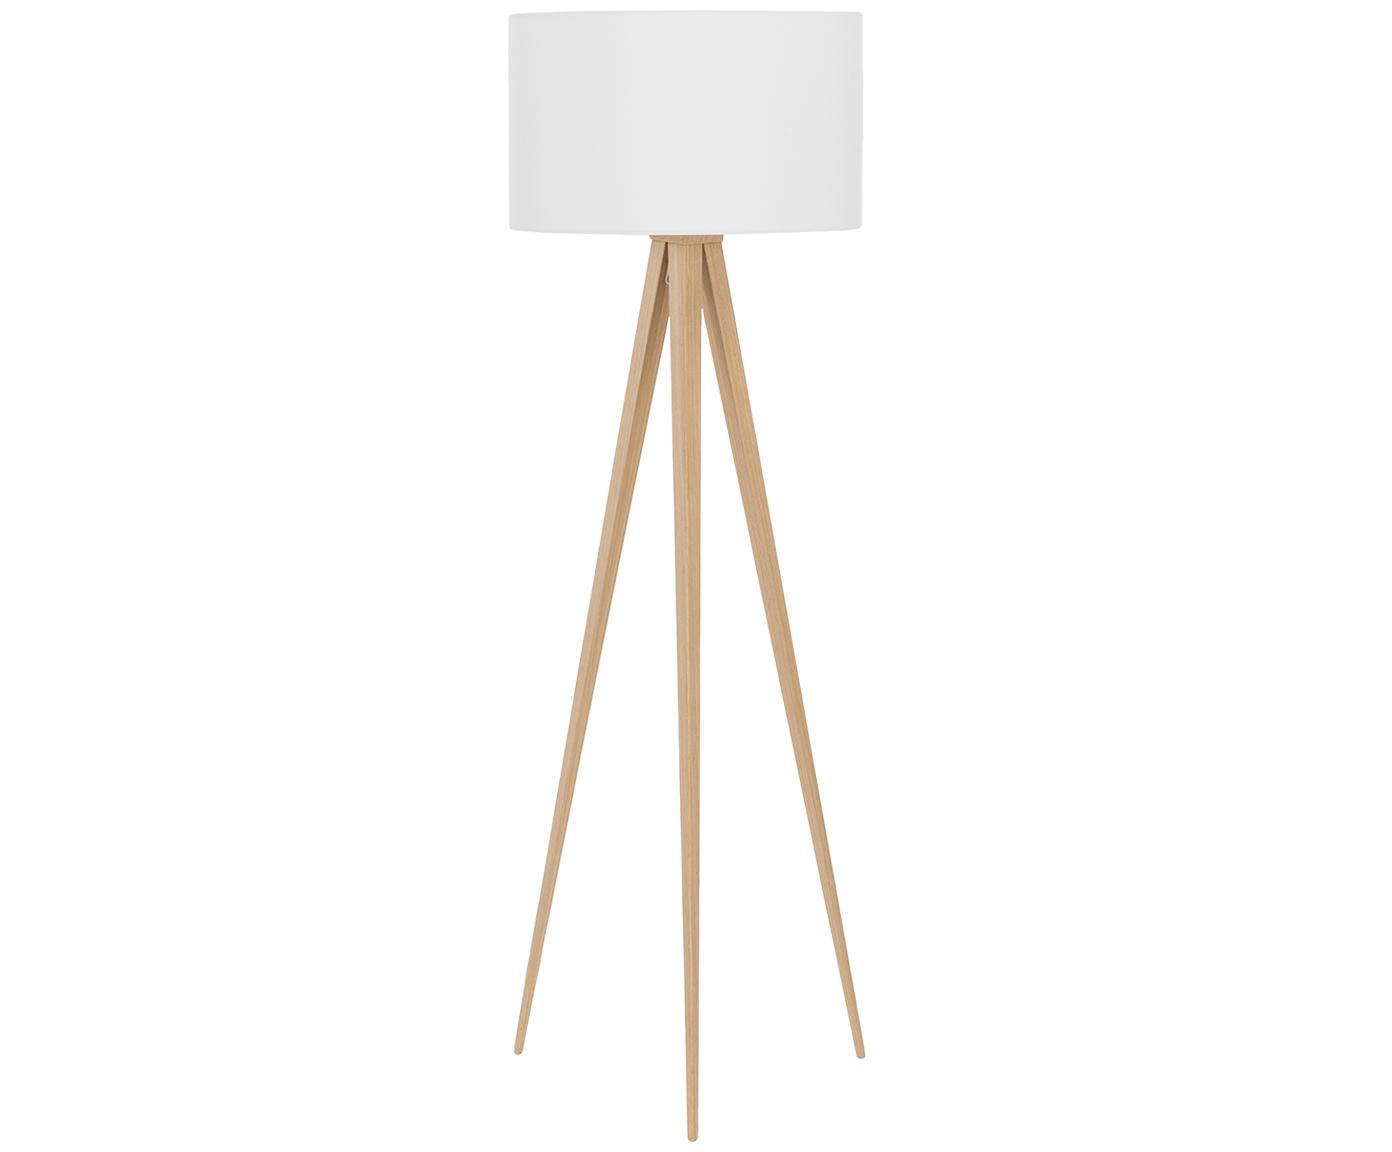 Stehlampe Jake im Skandi Design, Lampenschirm: Baumwolle, Lampenfuß: Metall mit Echtholzfurnie, Lampenschirm: WeißLampenfuß: Holzfurnier, ∅ 50 x H 154 cm